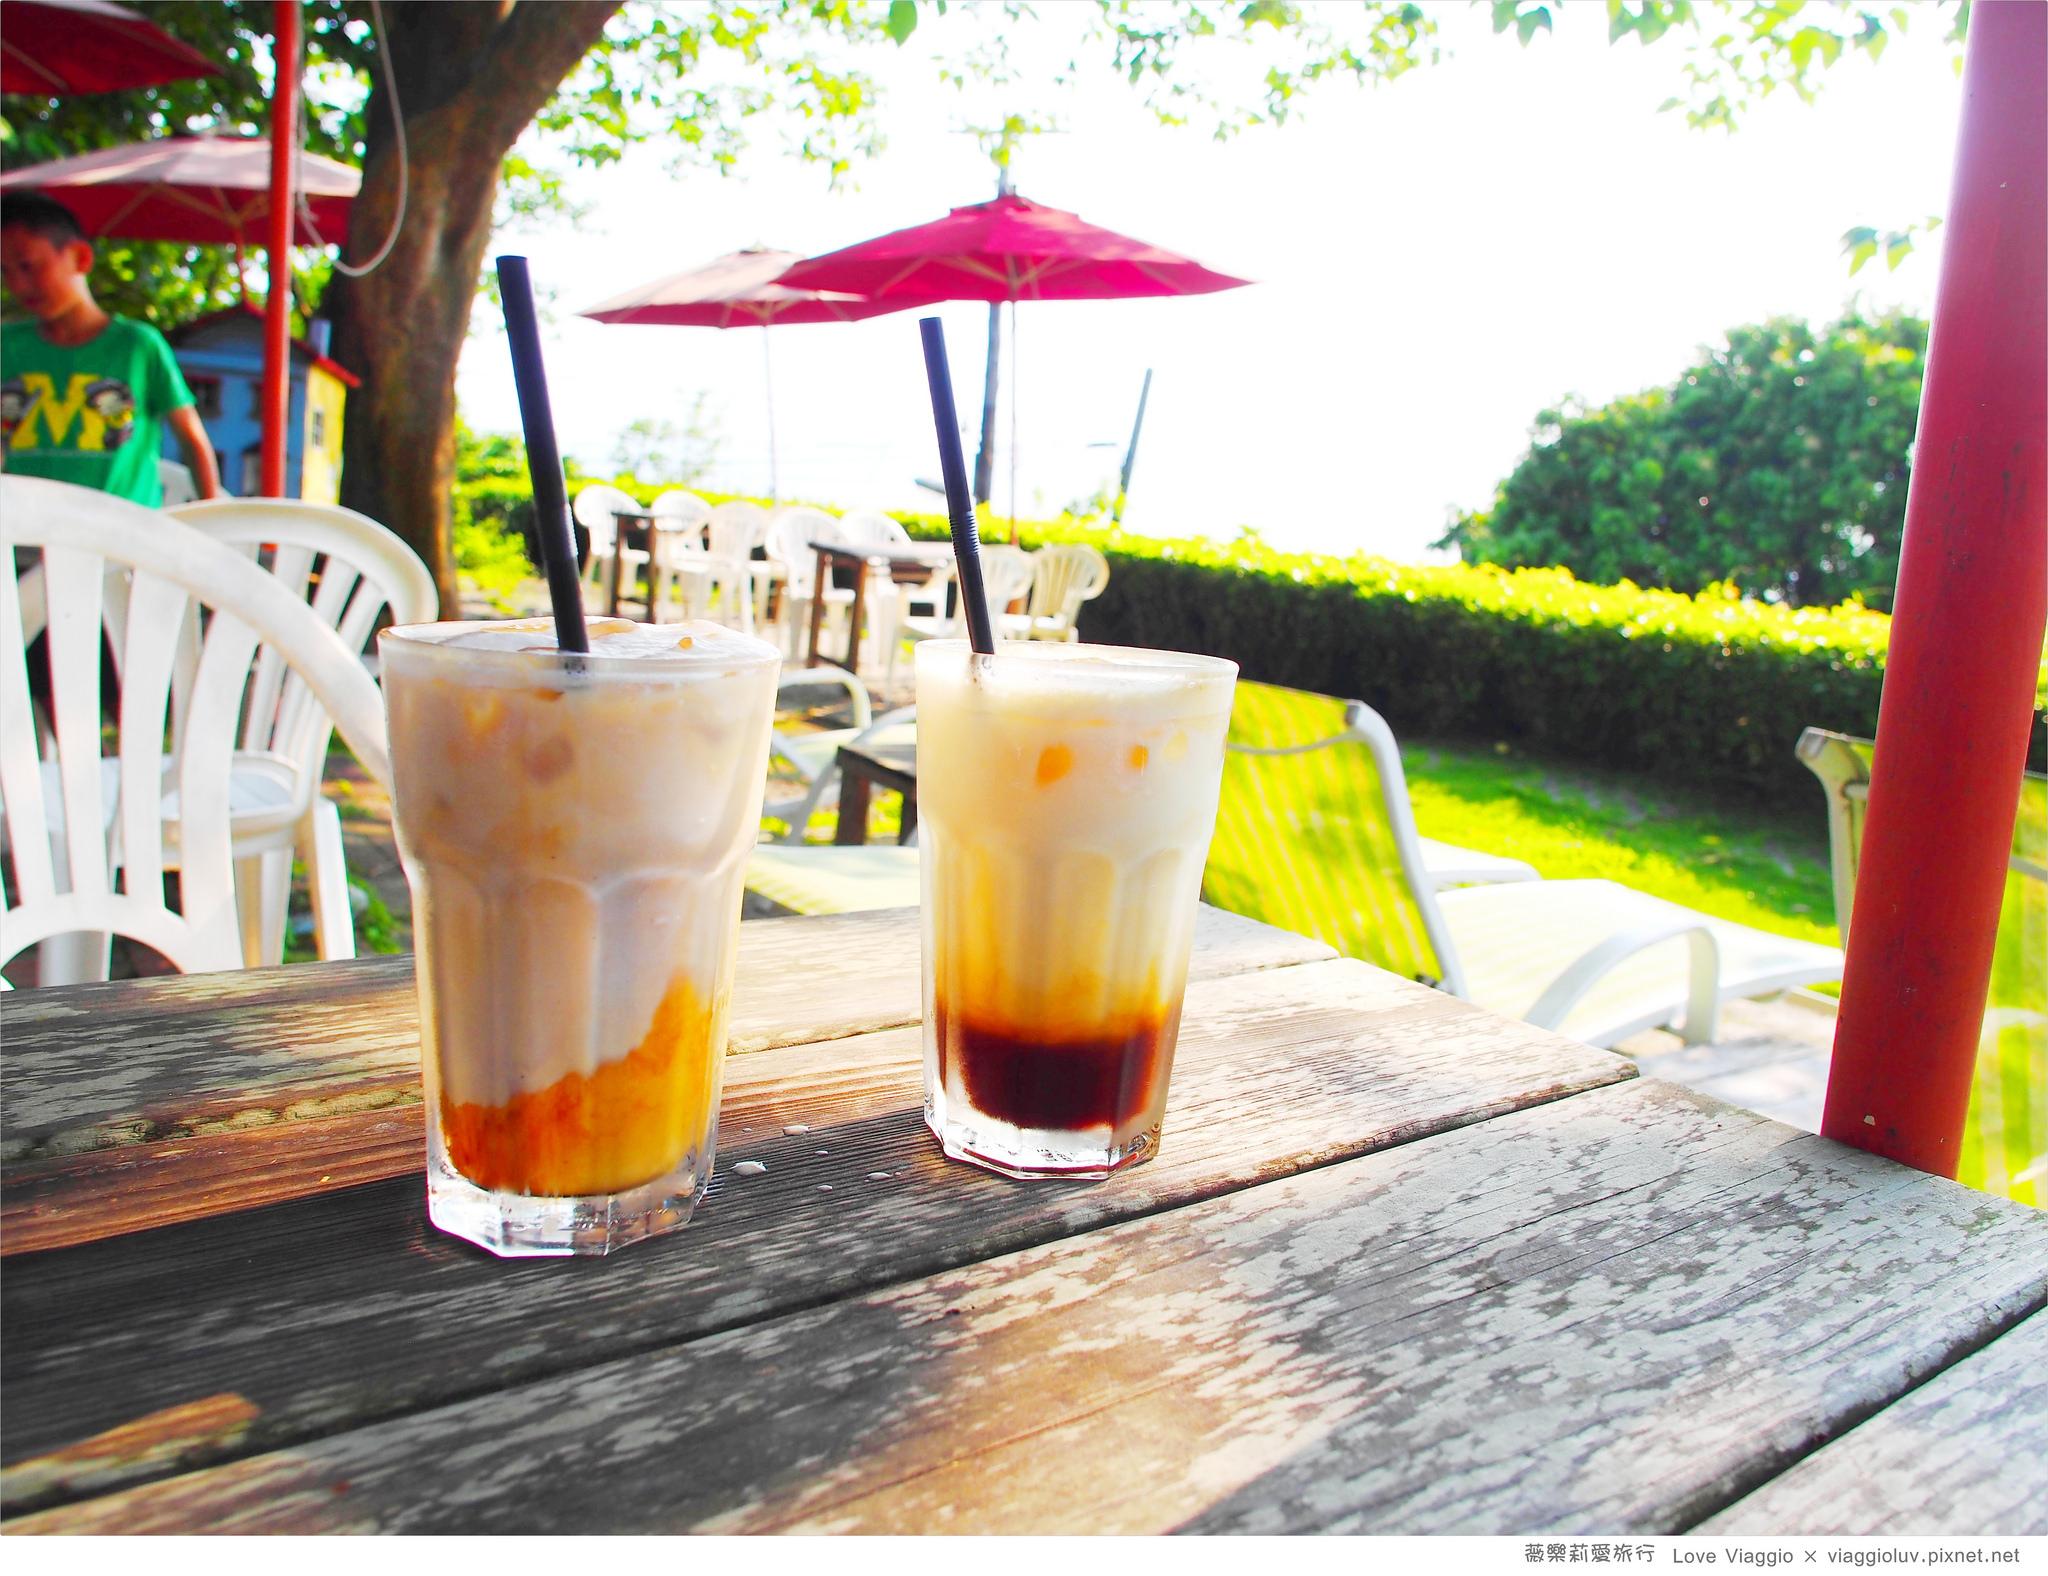 療癒看海海景咖啡系列 ☼ 熱蒐全台30間海景咖啡餐廳分享 (2020持續更新) @薇樂莉 Love Viaggio | 旅行.生活.攝影